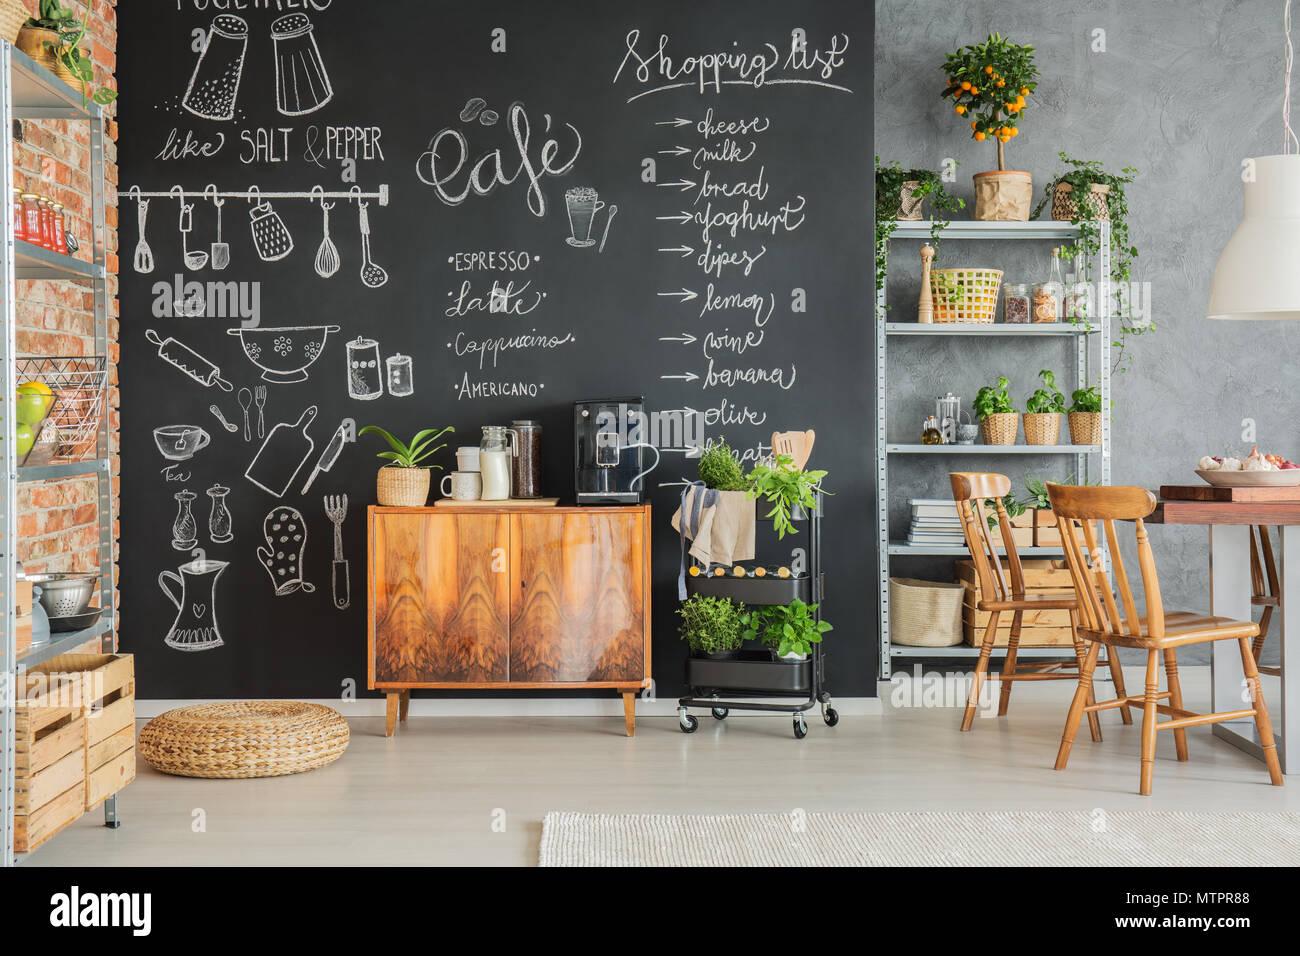 Unglaublich Tafelwand Küche Beste Wahl Tafel An Der Wand Mit Niedlichen Zeichnungen